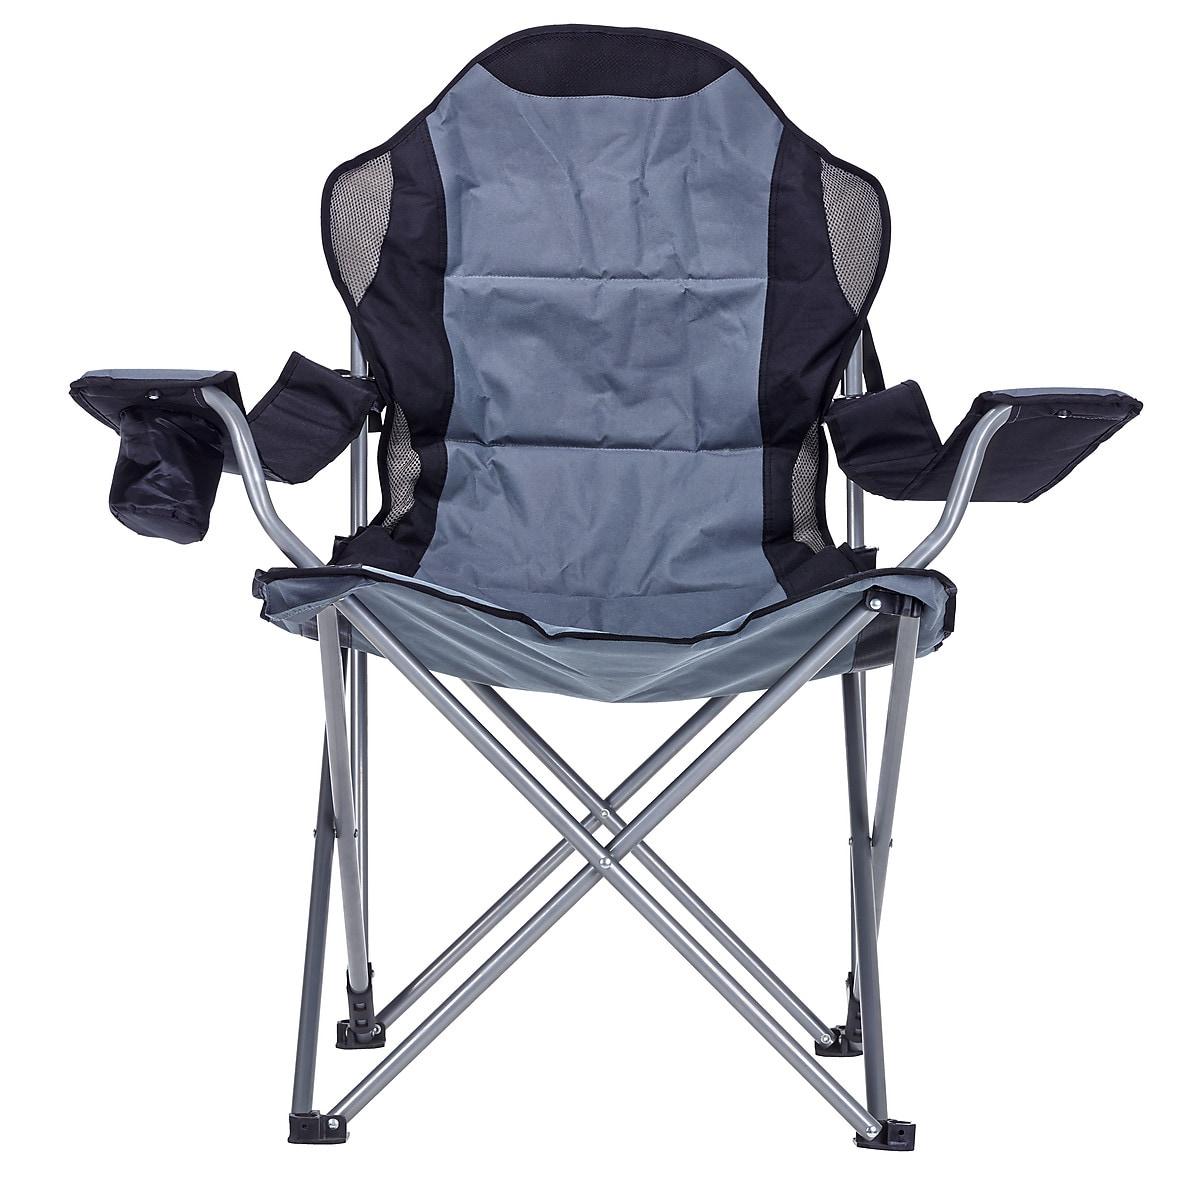 Camping Chair, Asaklitt